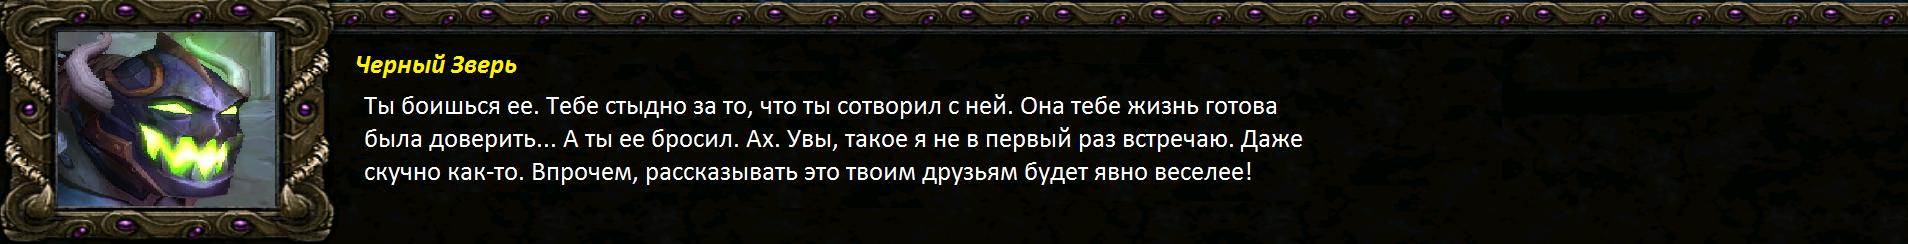 Шаблон ДкВар 15.16